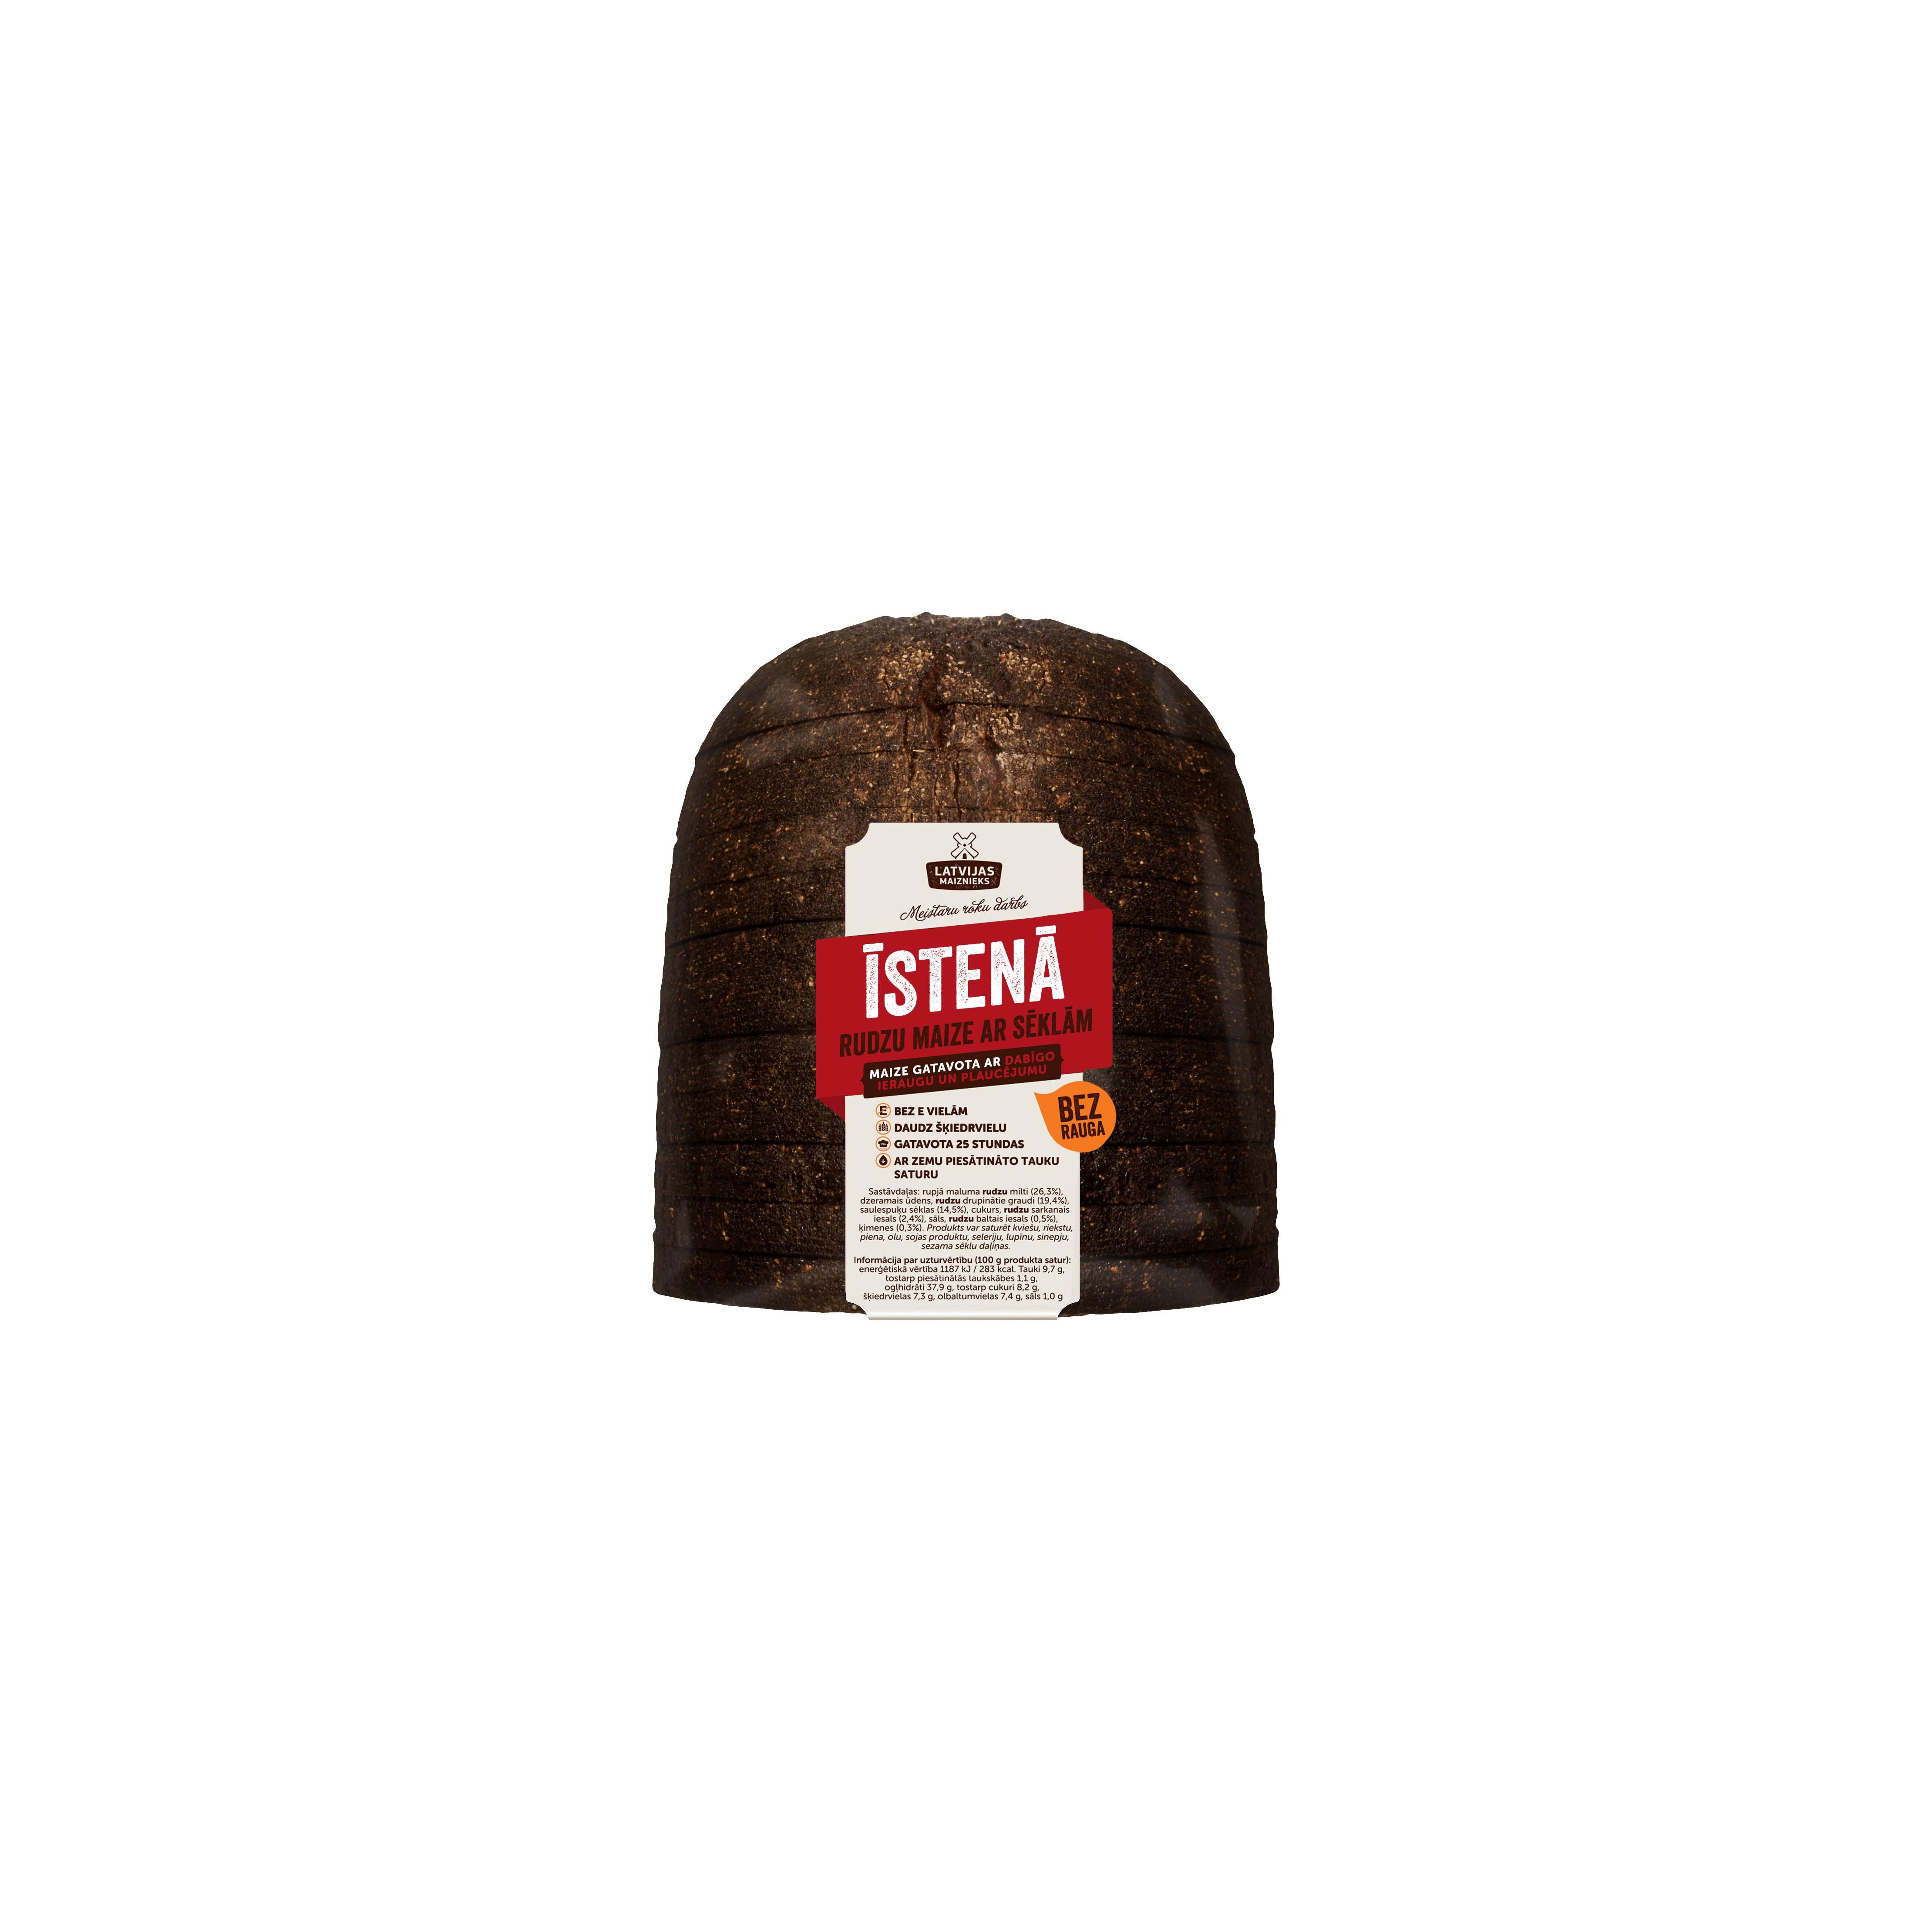 Ржаной хлеб  ISTENA с семечками без дрожжевой  730 гр